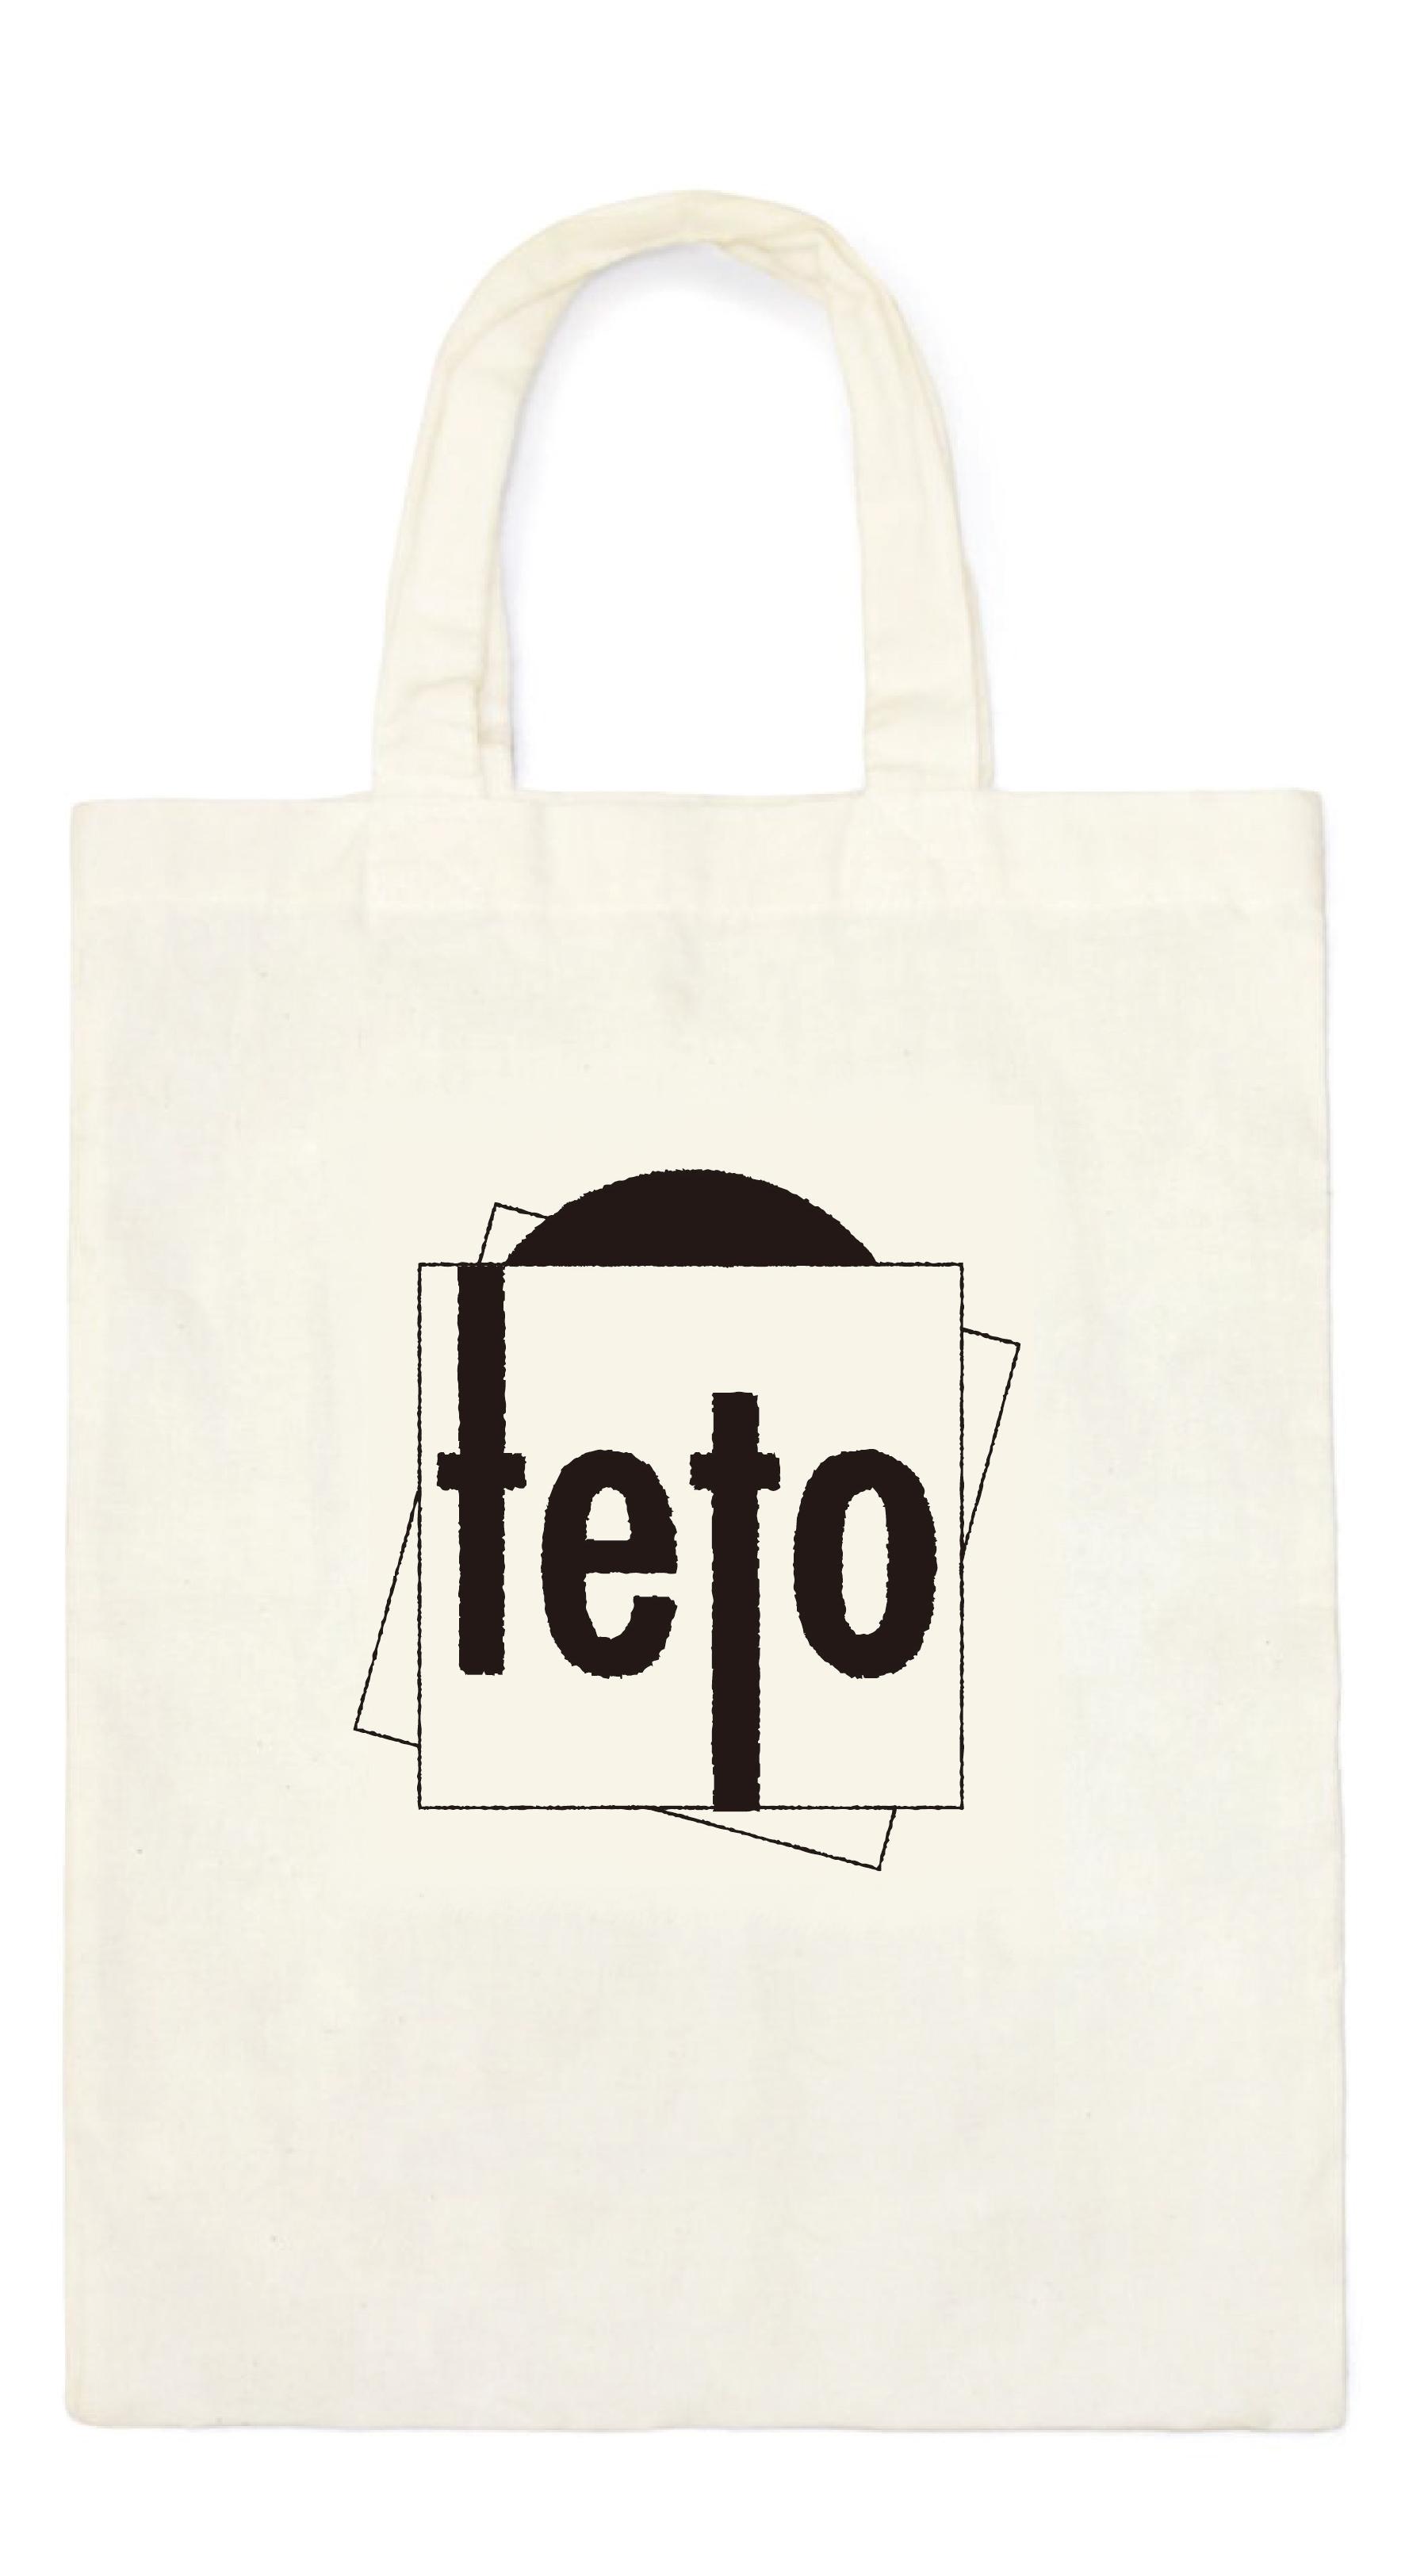 teto_tote_image